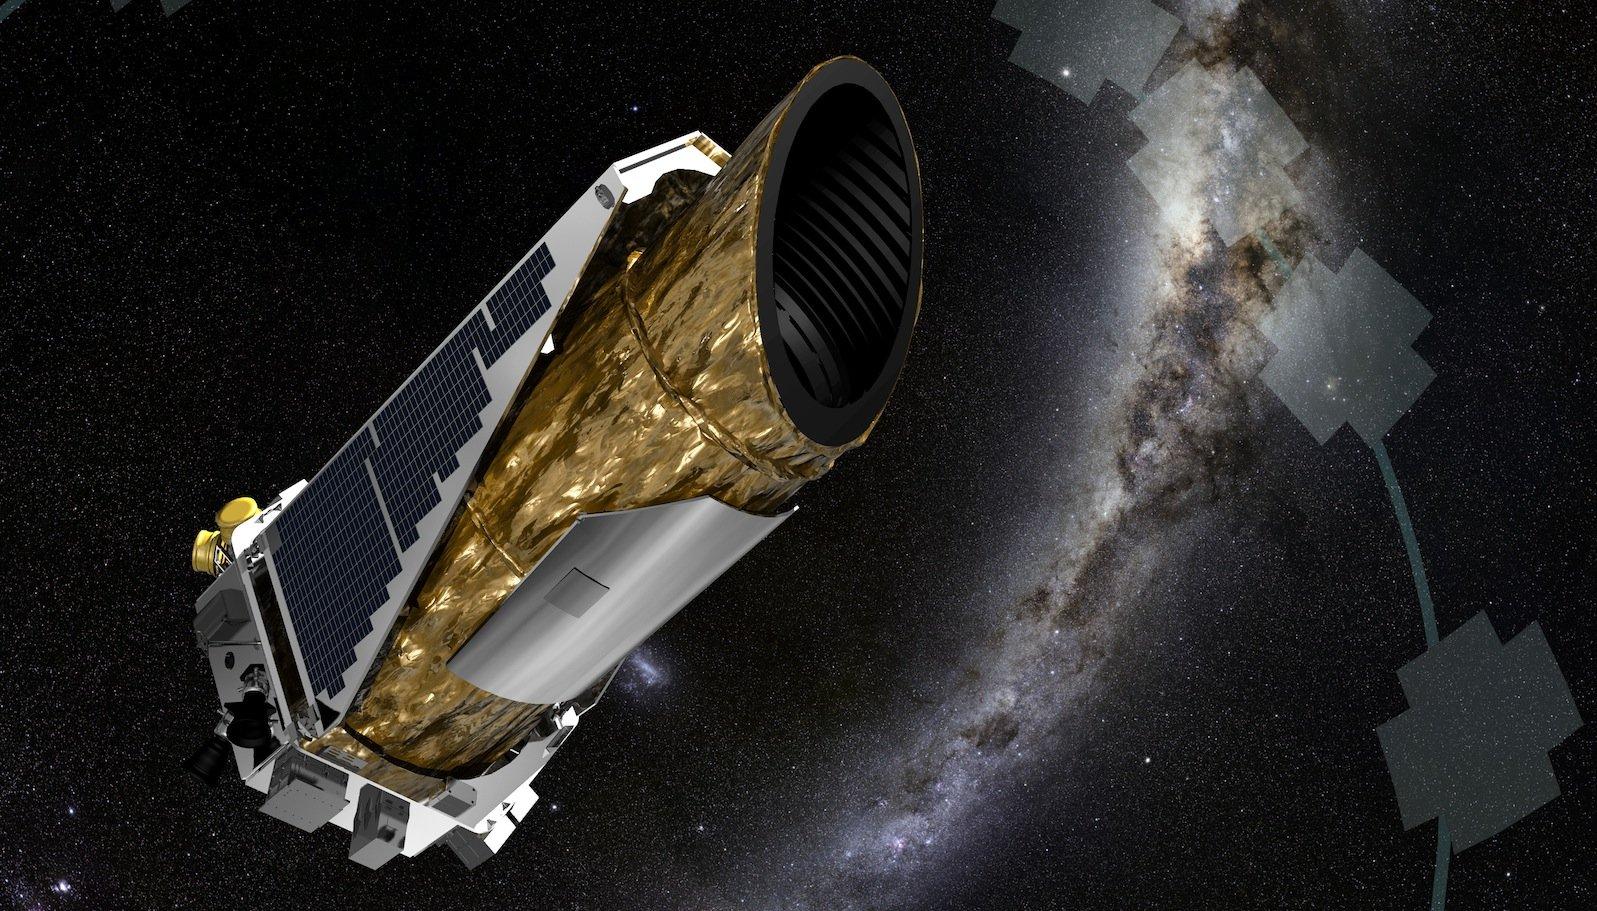 Das Weltraumteleskop Kepler zieht in einer Entfernung von 120 Millionen Kilometer von der Erde seine Kreise und sucht Exoplaneten.